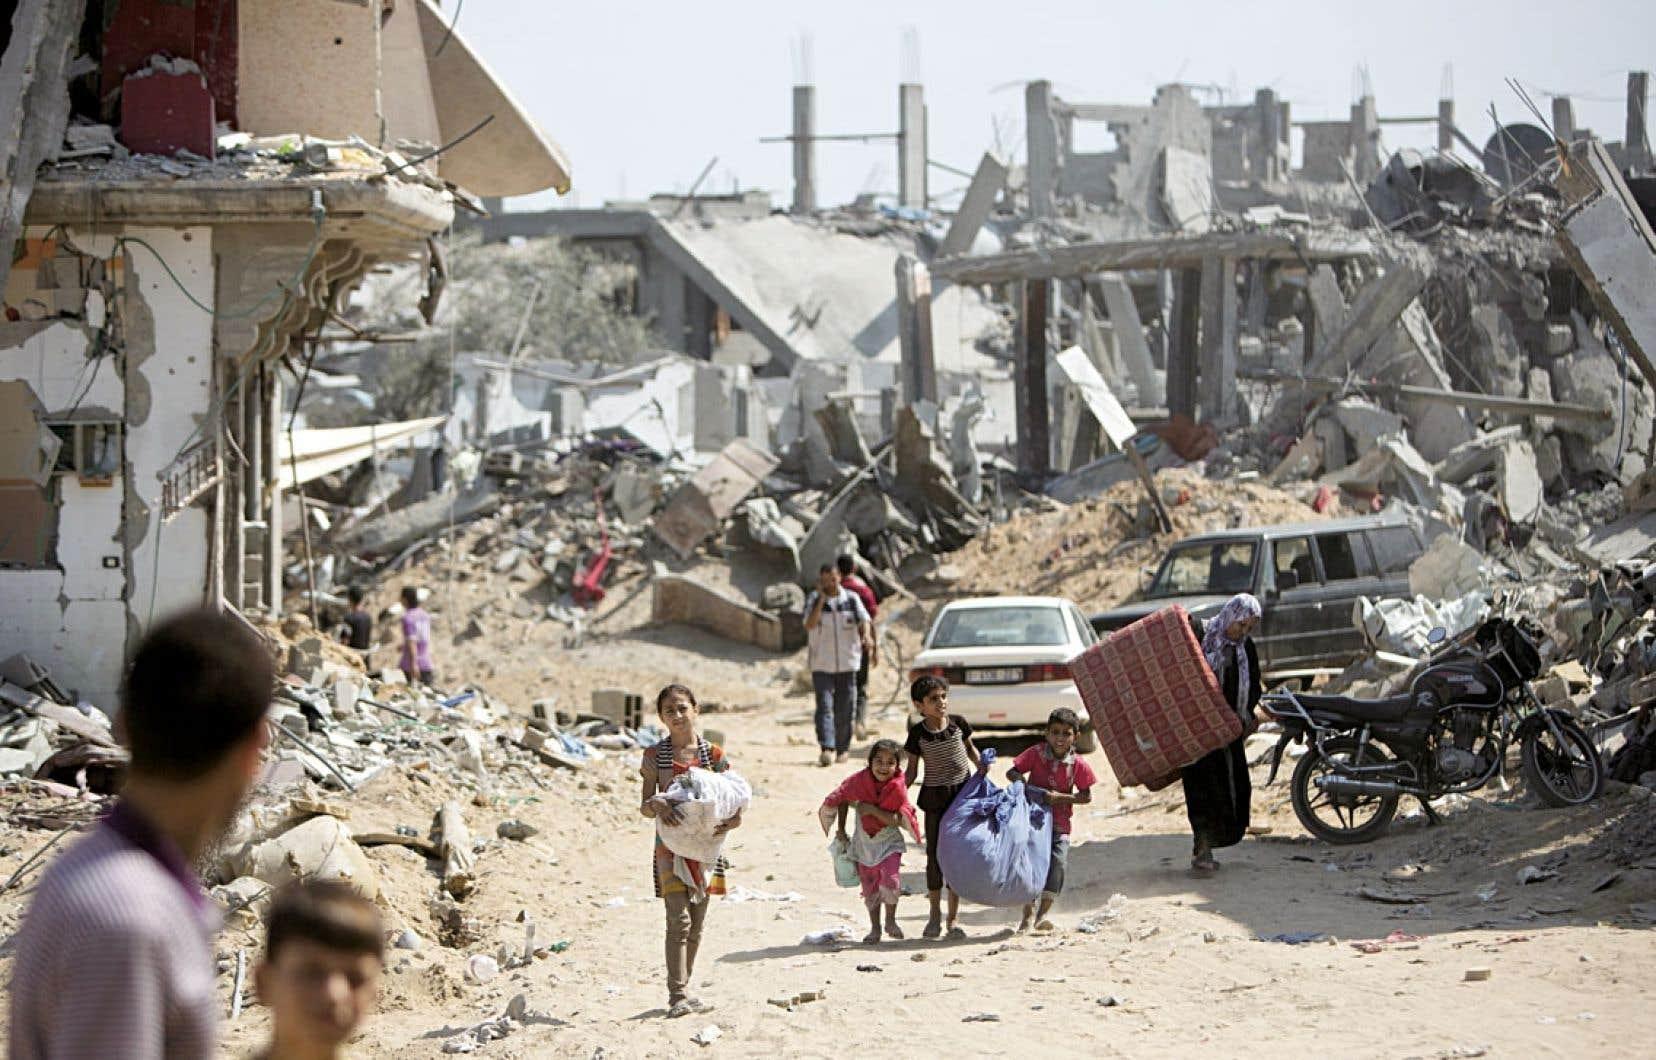 Le conflit actuel n'est pas tant une guerre entre Israël et le Hamas qu'une guerre contre la population civile palestinienne, soutient Rachad Antonius. Ci-dessus, des Palestiniens ont profité de la trêve mercredi pour récupérer quelques objets de bâtiments dans la bande de Gaza.